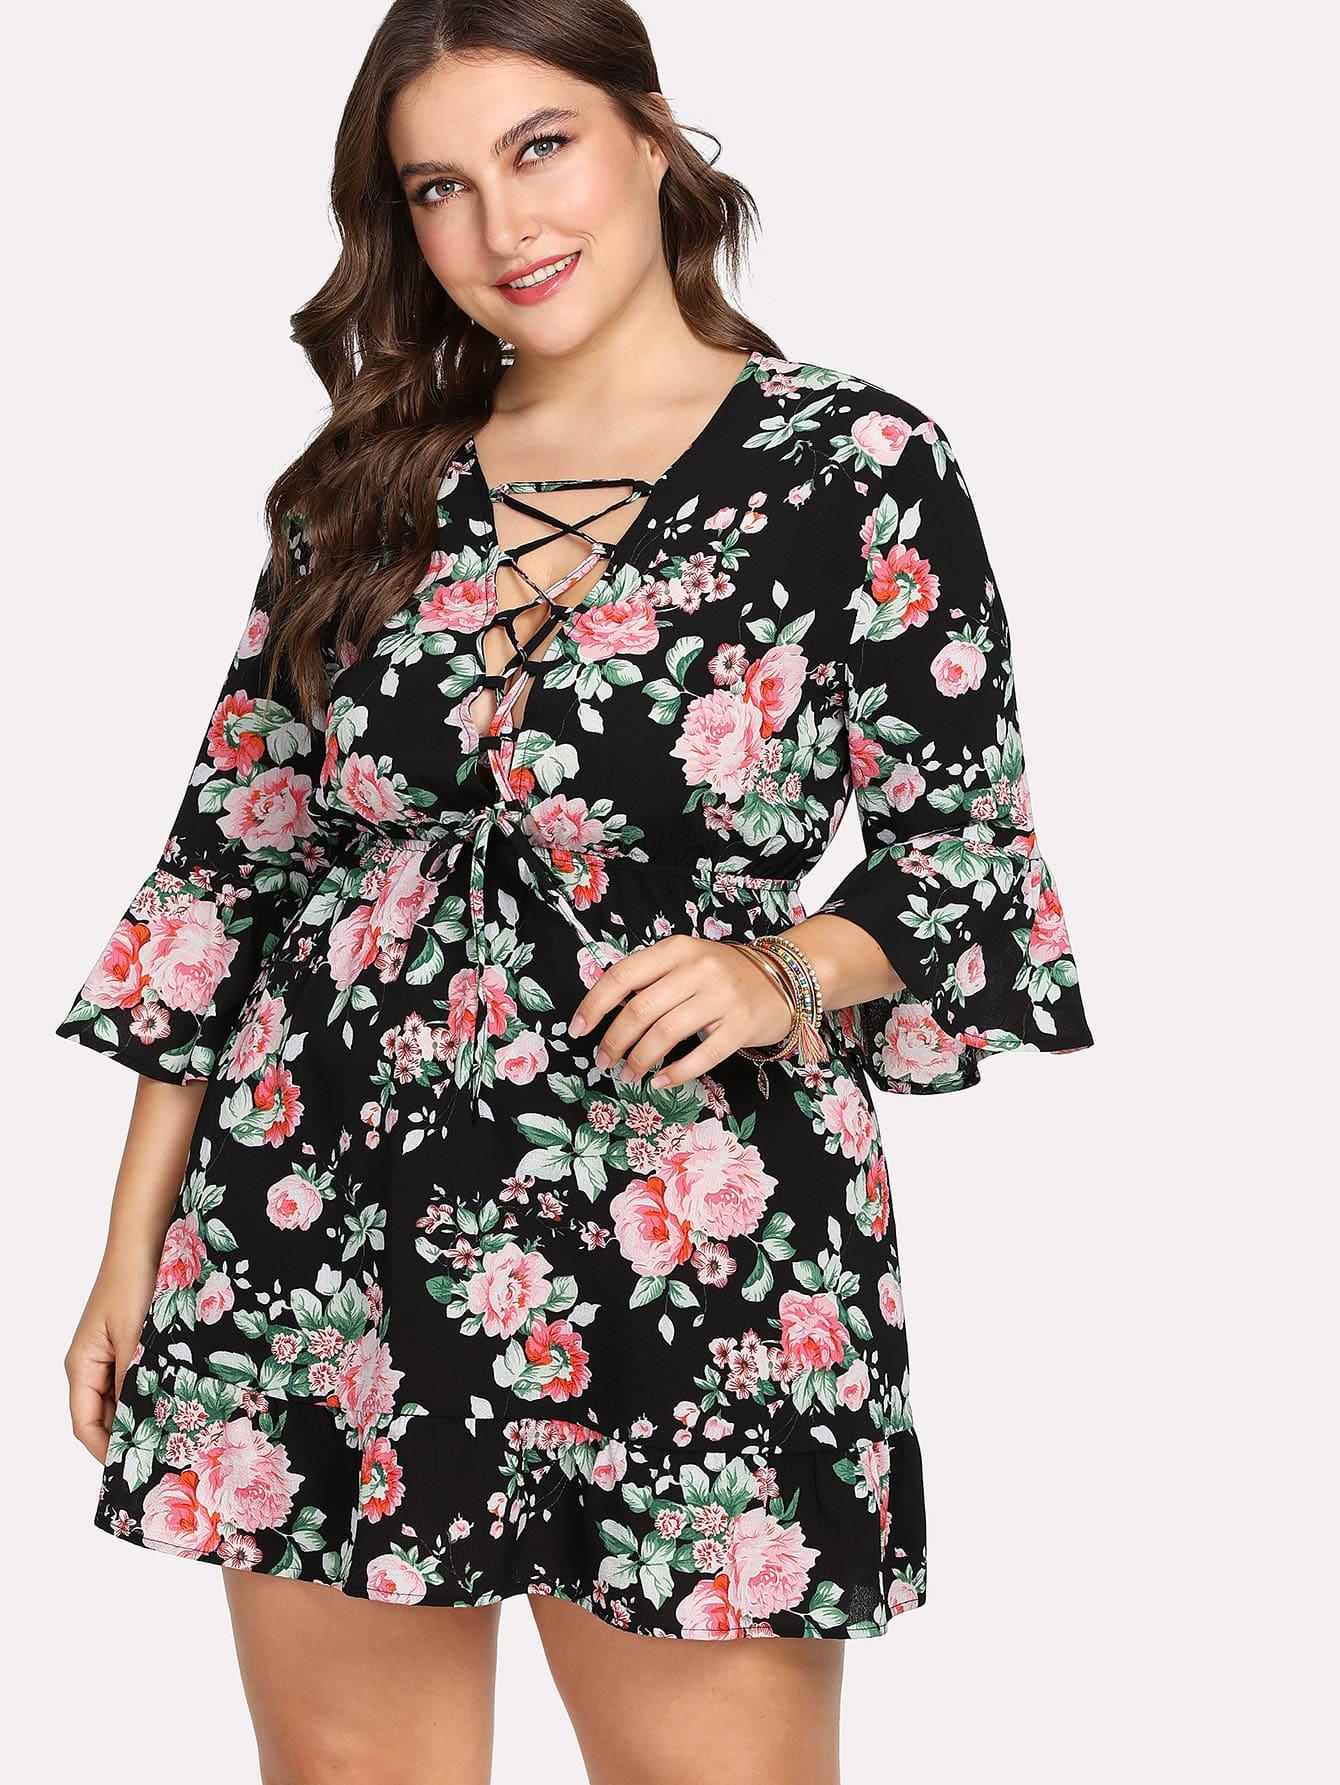 Купить Платье крест-накрест с широкими рукавами в цветочек, Franziska, SheIn